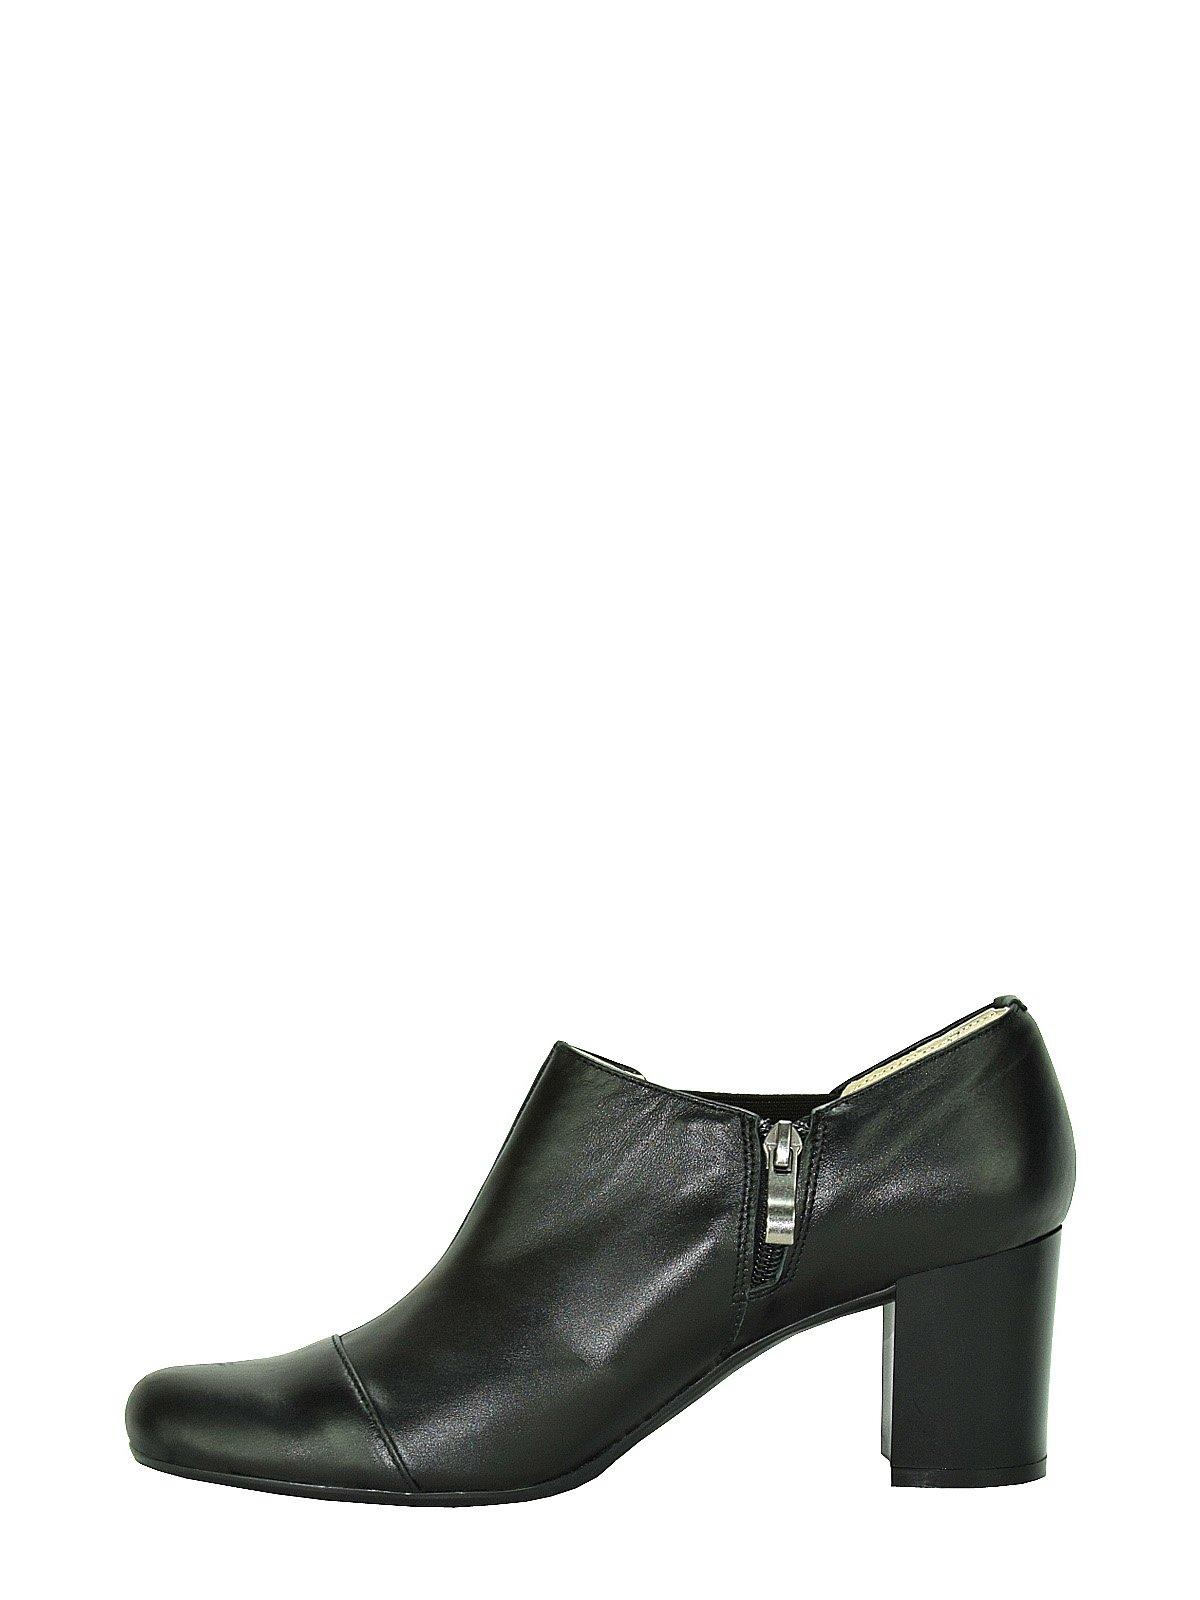 Туфлі чорні | 3533239 | фото 4